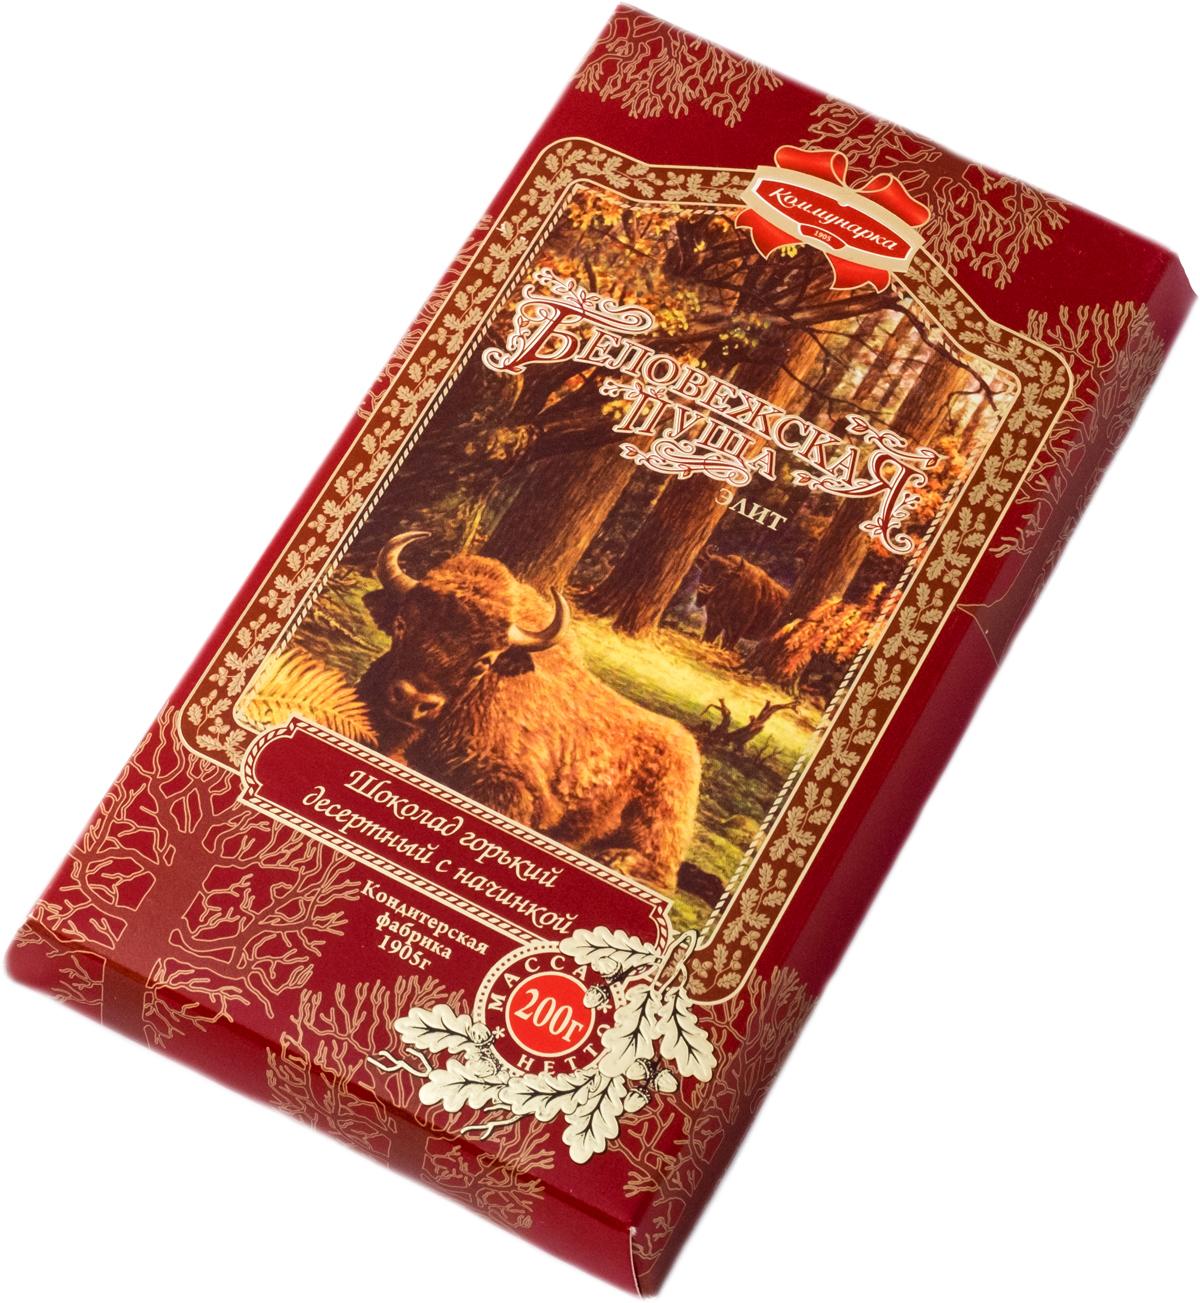 Коммунарка шоколад горький Беловежская пуща элит, 200 г icam vanini шоколад классик без содержания сахара горький 56